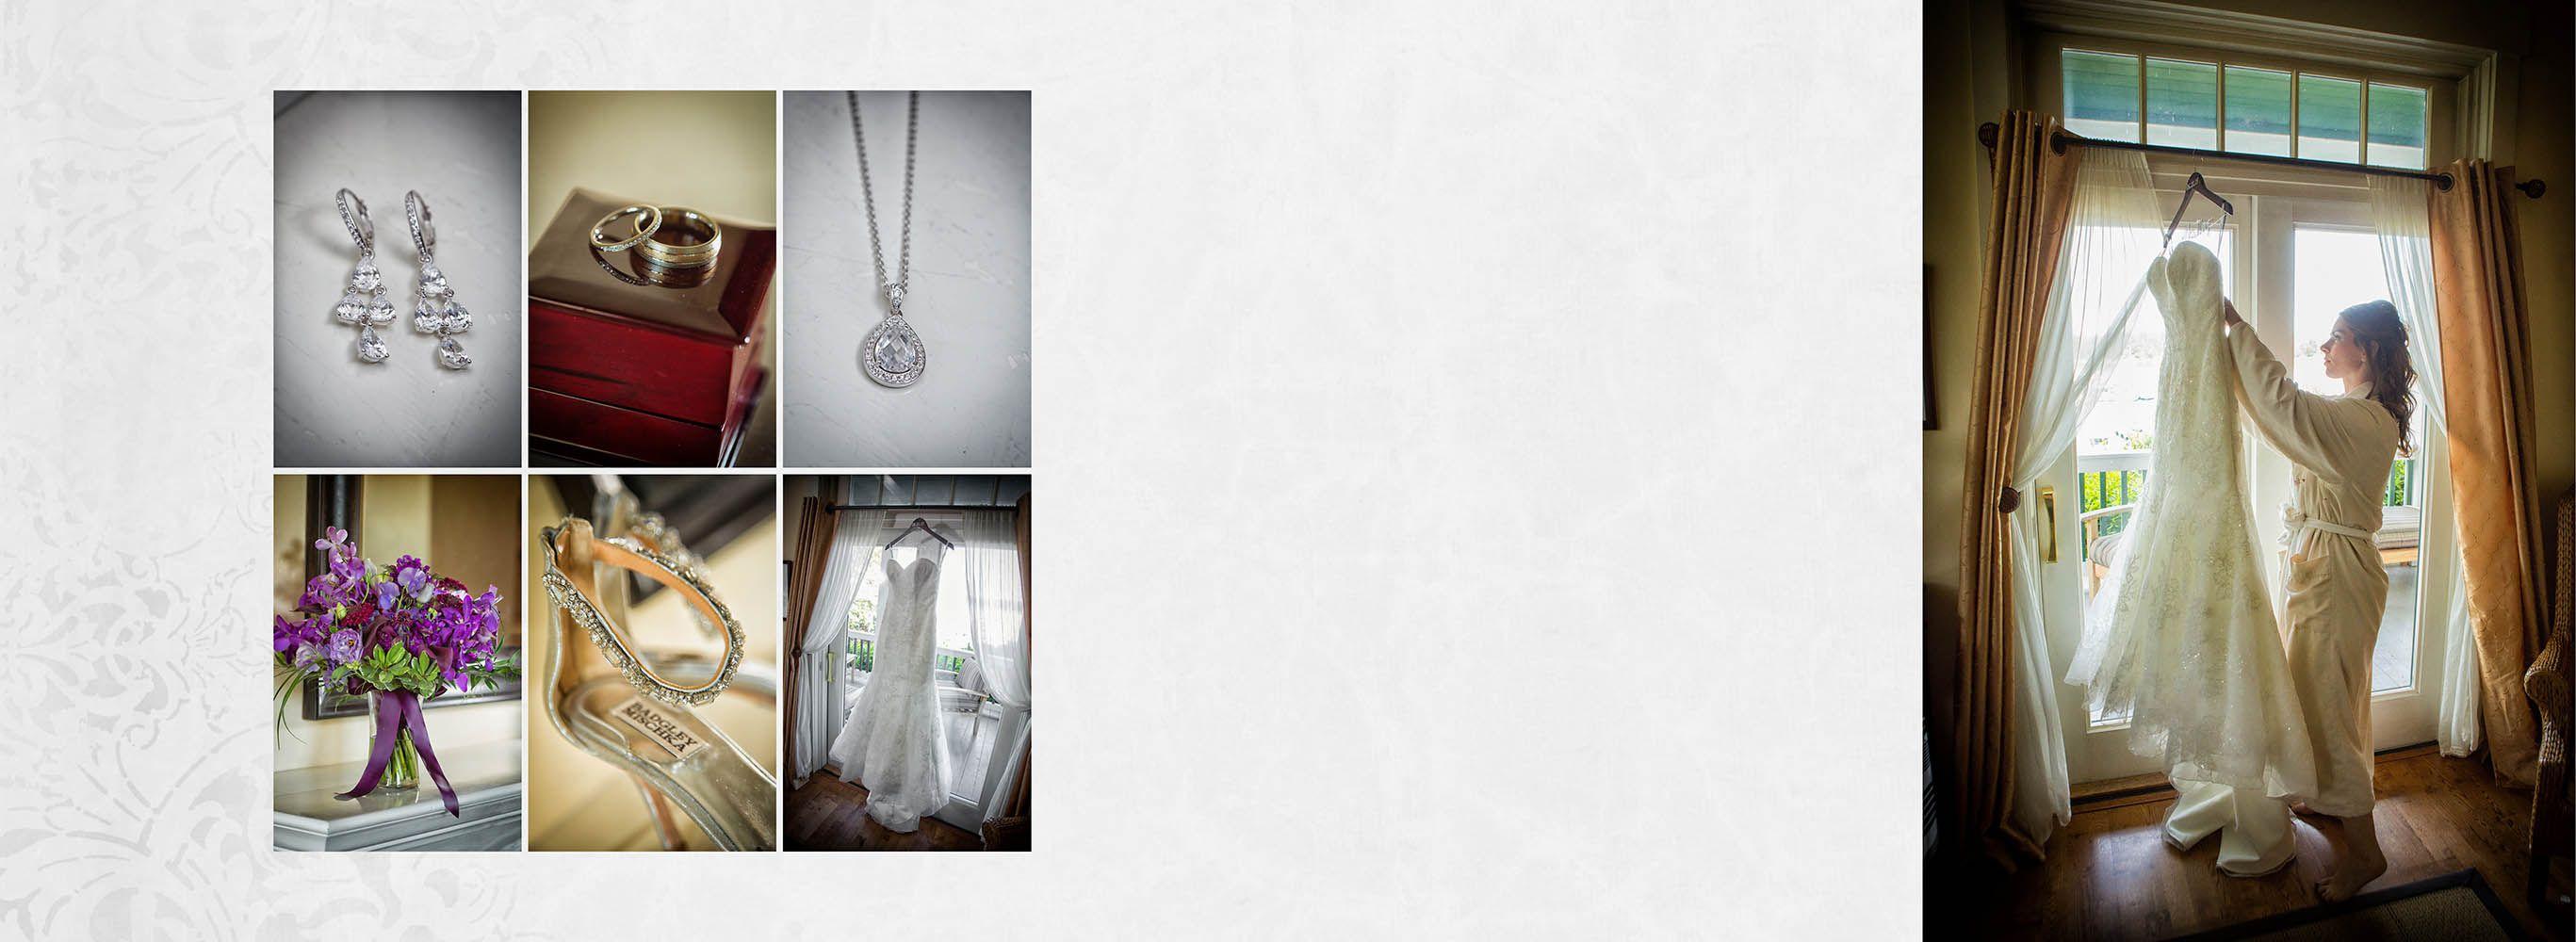 Tharp-Album-V1-Spread-006.jpg